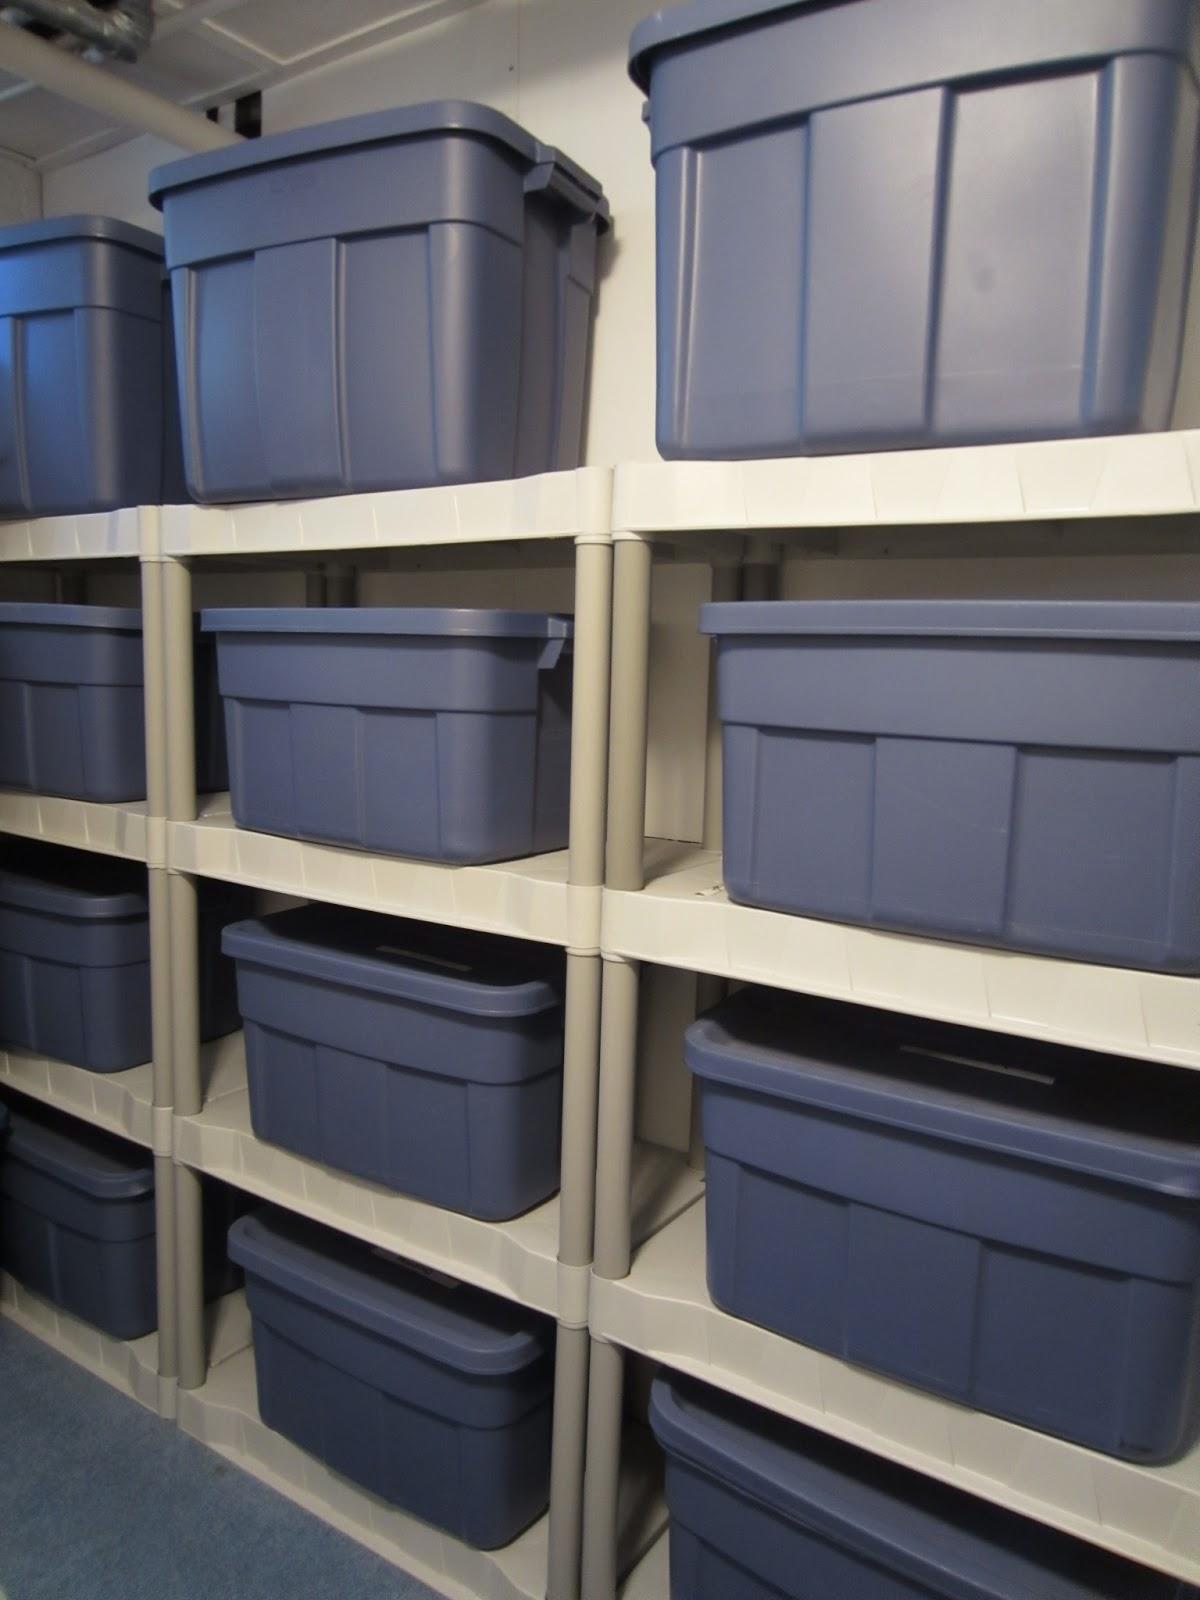 have mercy: Minimalist Storage...Courage, Mateys!